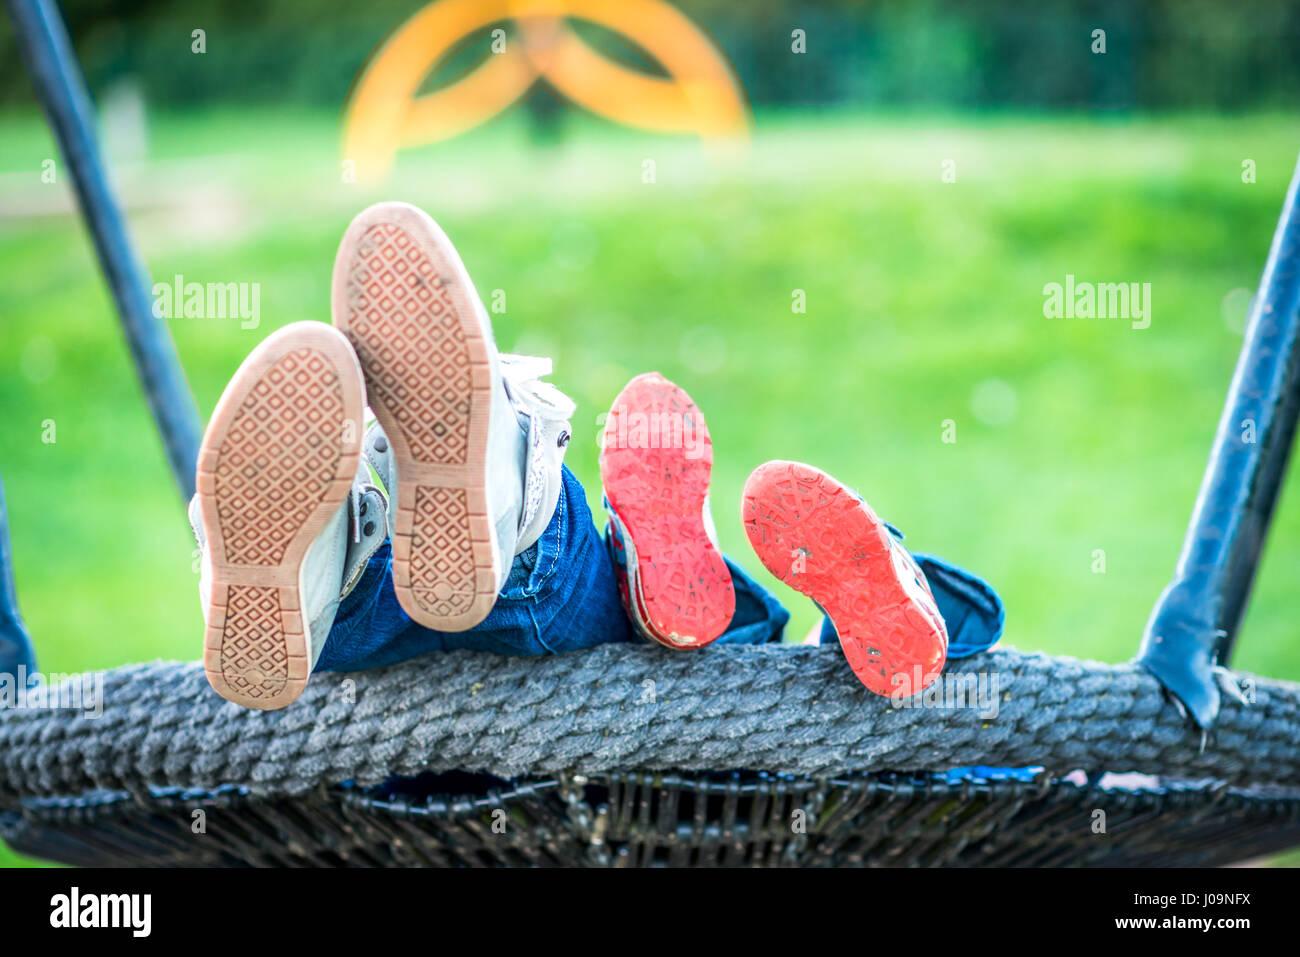 Tag-Ansicht Mutter und Kind Füße auf Schaukeln. Stockbild